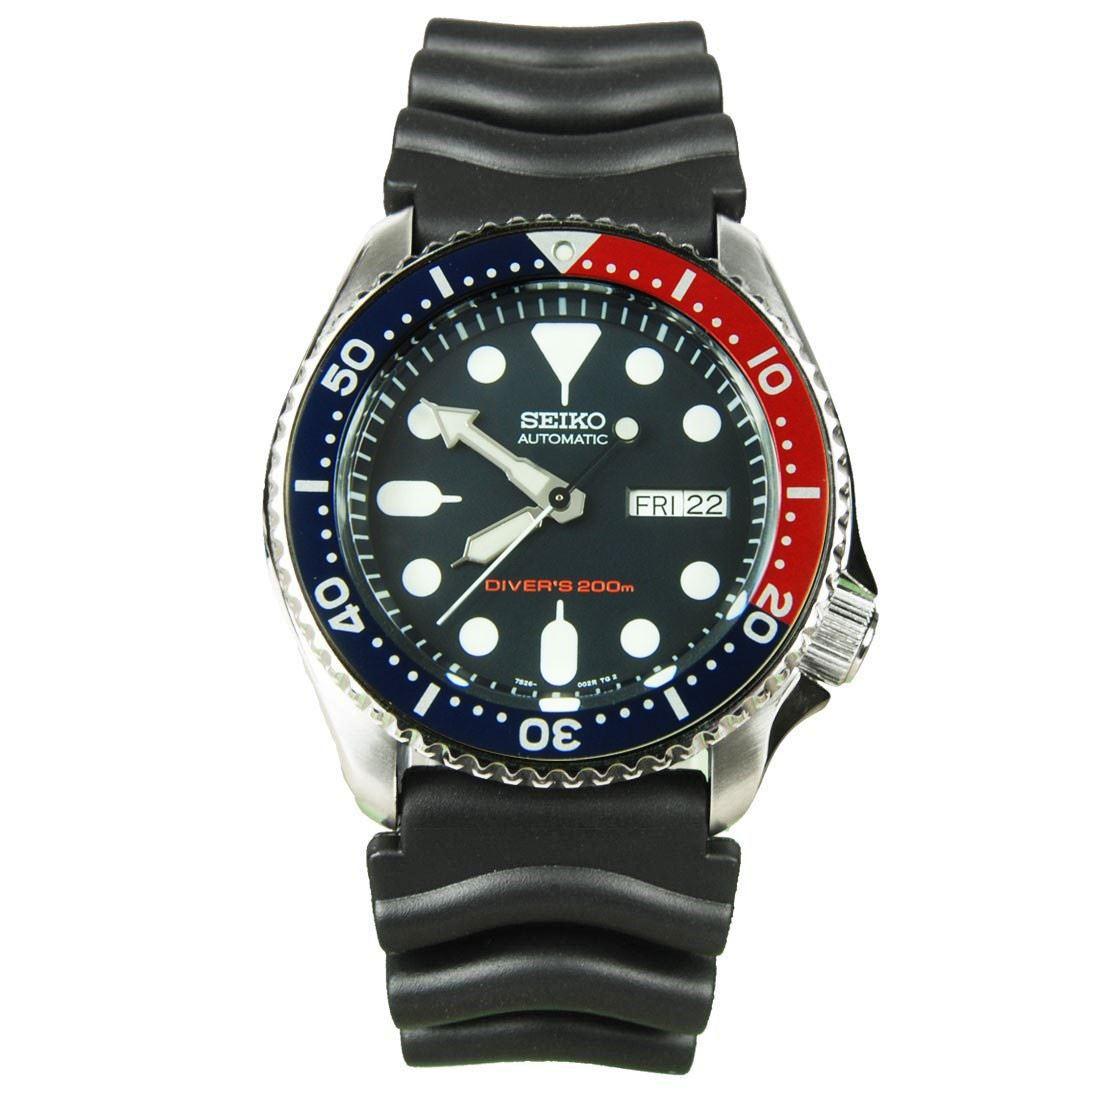 TOP-SELLING-Seiko-SKX009-SKX009J1-SKX009J2-SKX009K1-SKX009K2-Pepsi-Dive-Watch thumbnail 20